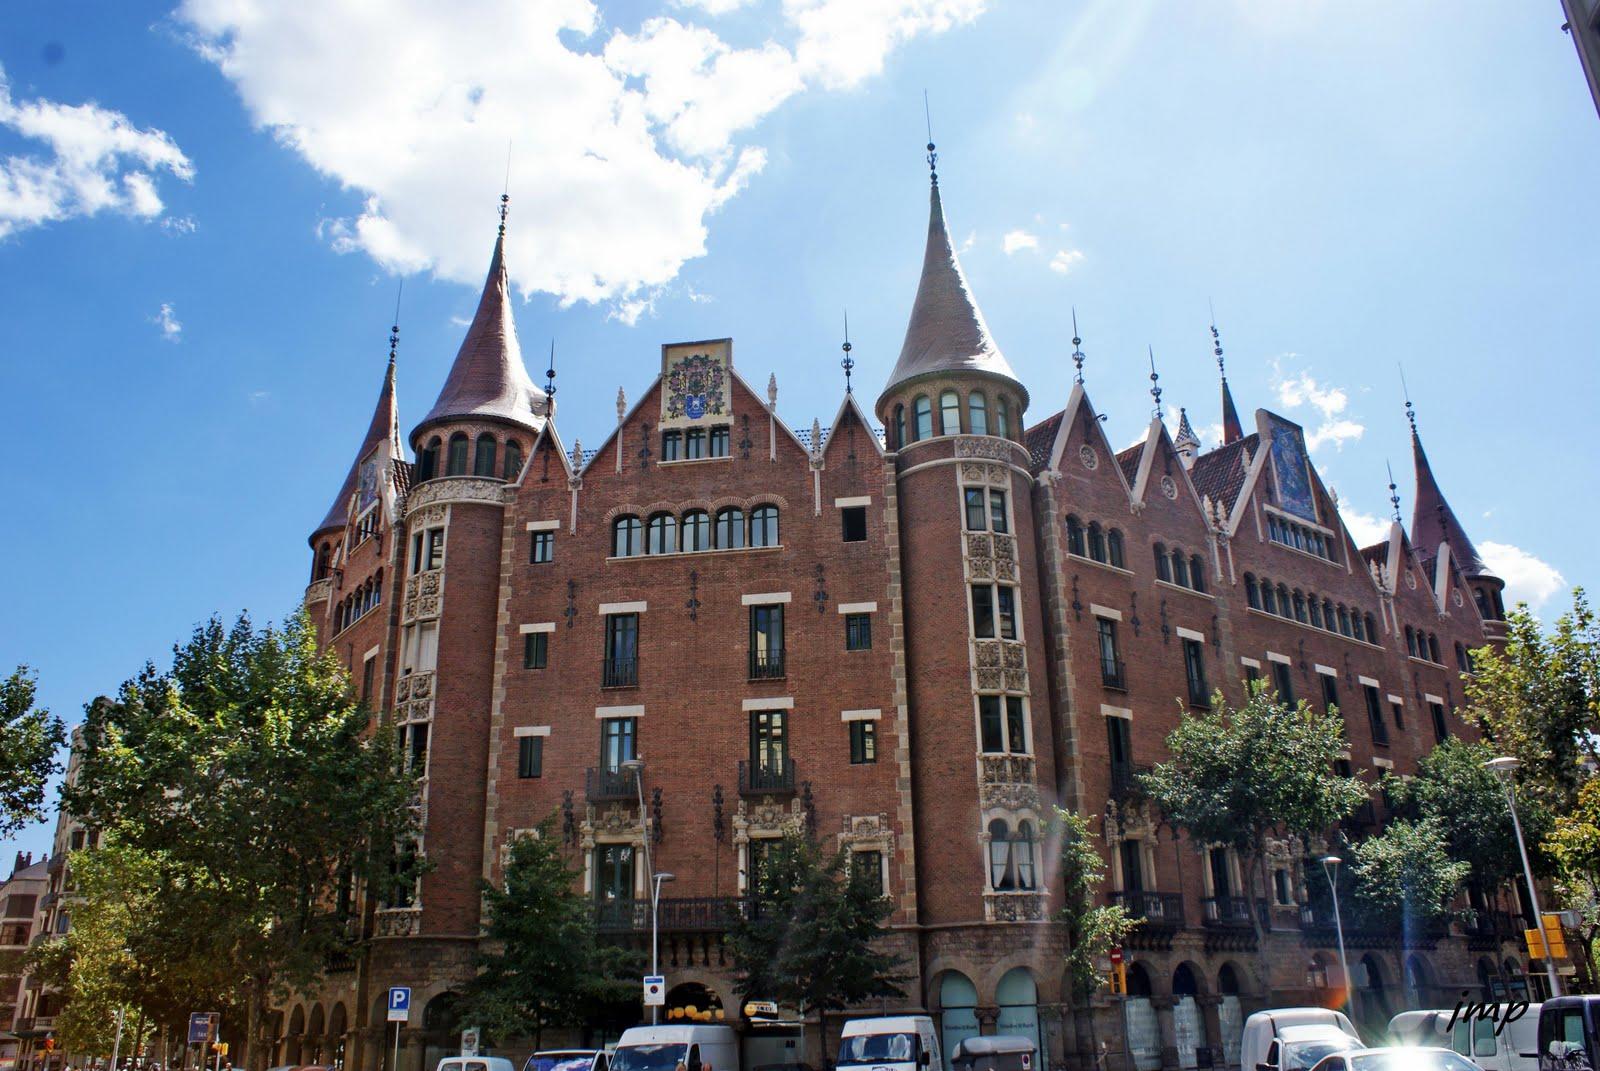 La casa de les punxes acollir el museu puig i cadafalch - Casa de las punxes ...